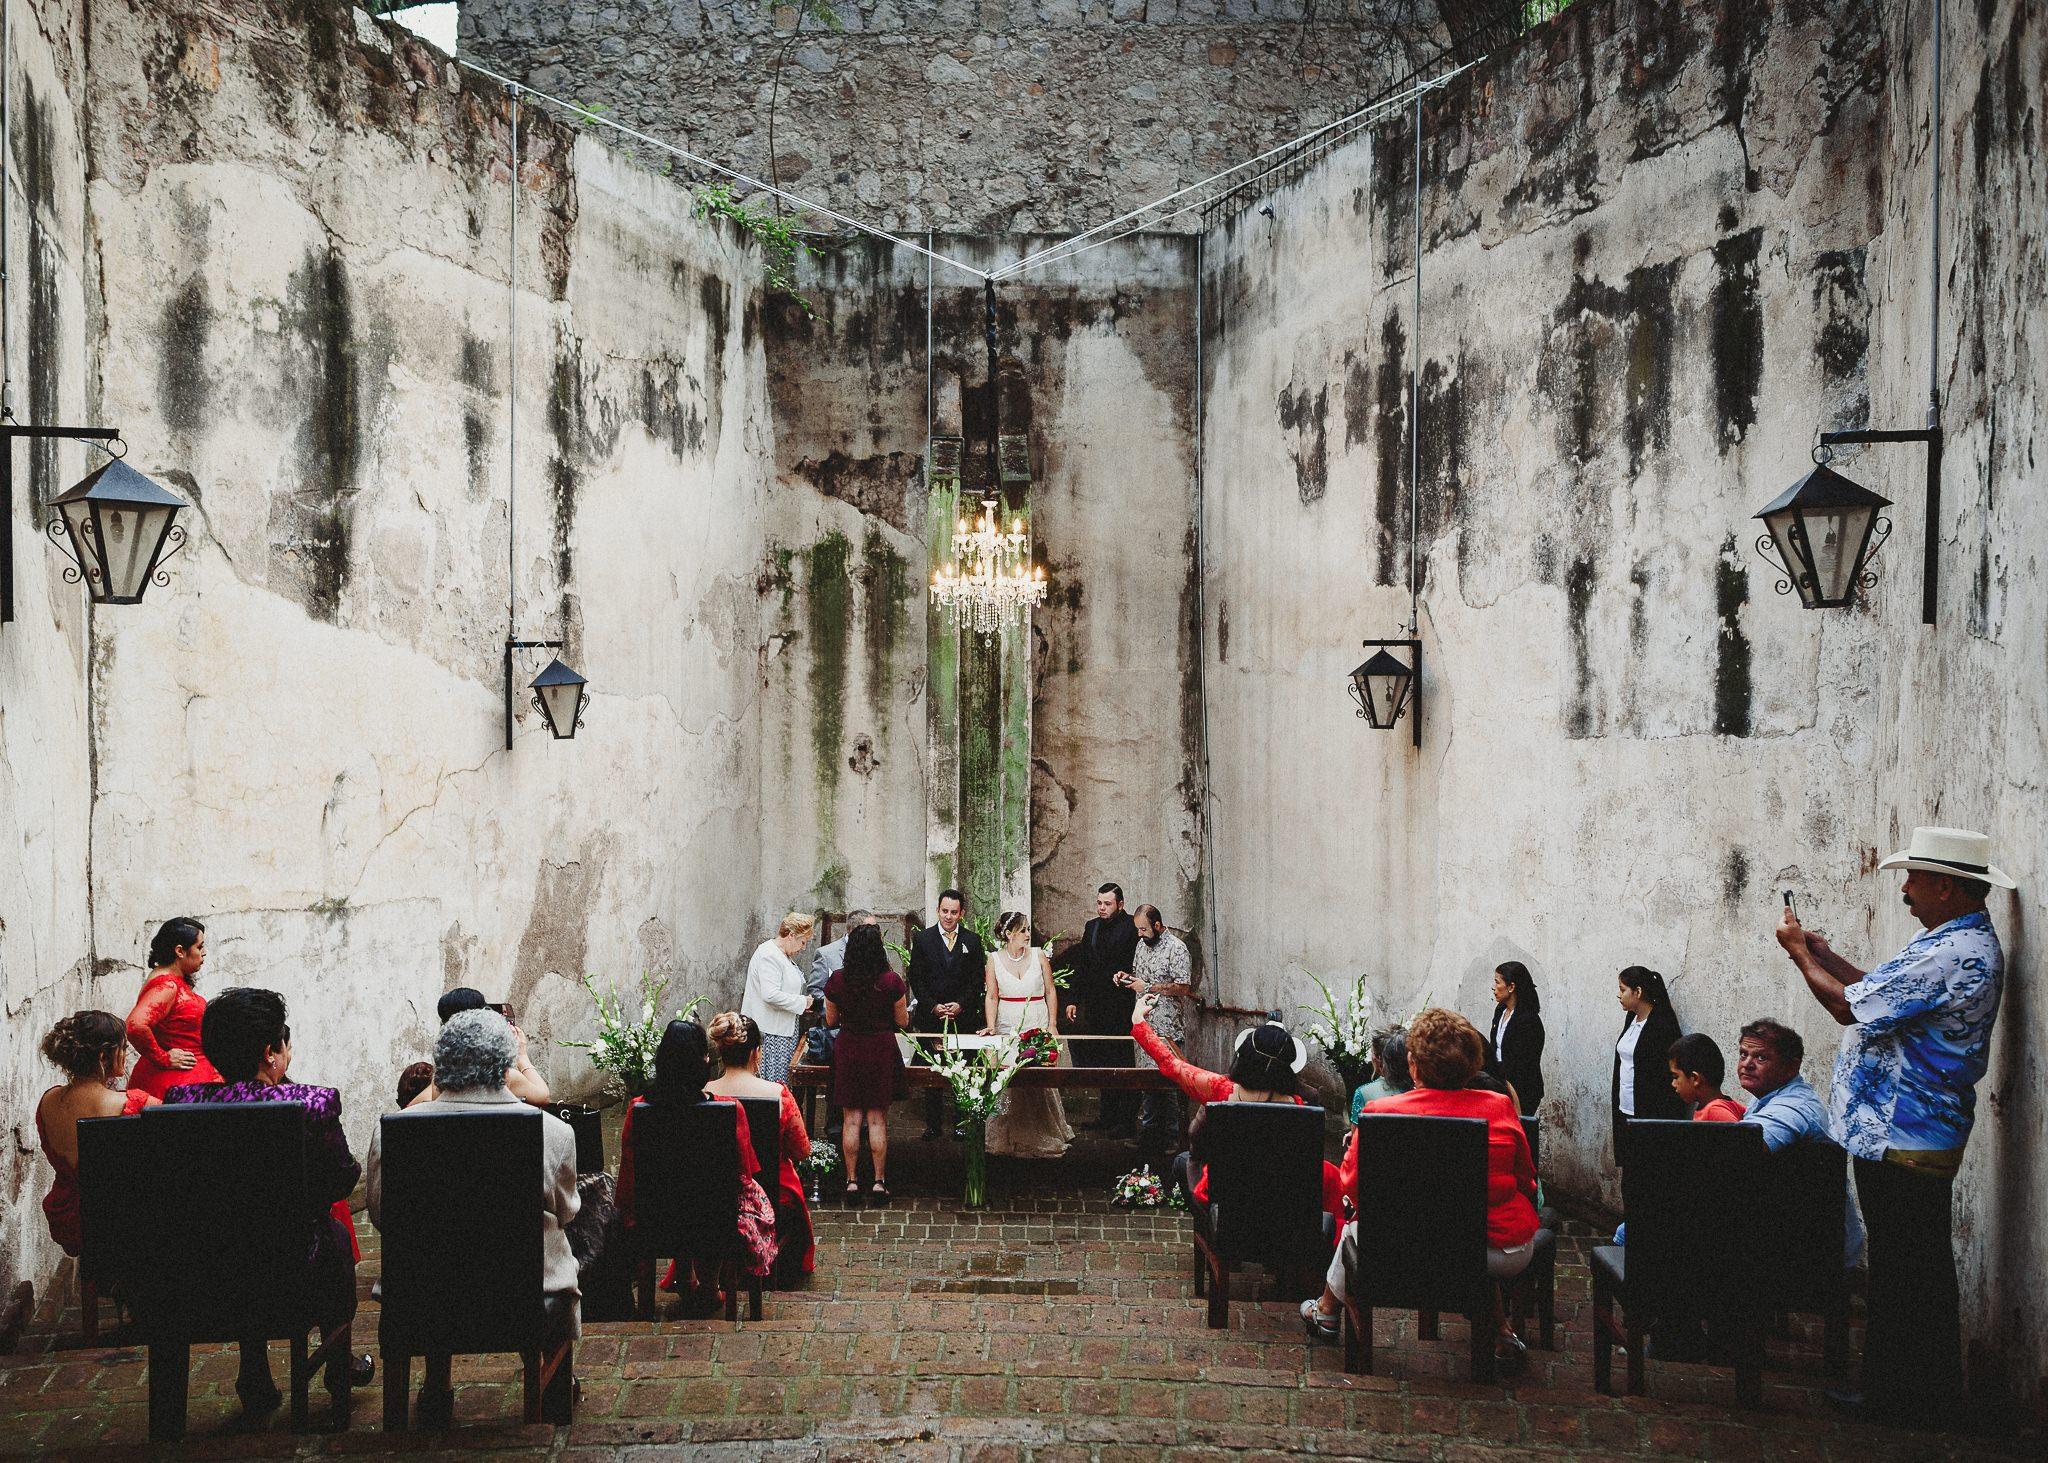 03boda-en-jardin-wedding-hacienda-los-cuartos-fotografo-luis-houdin96